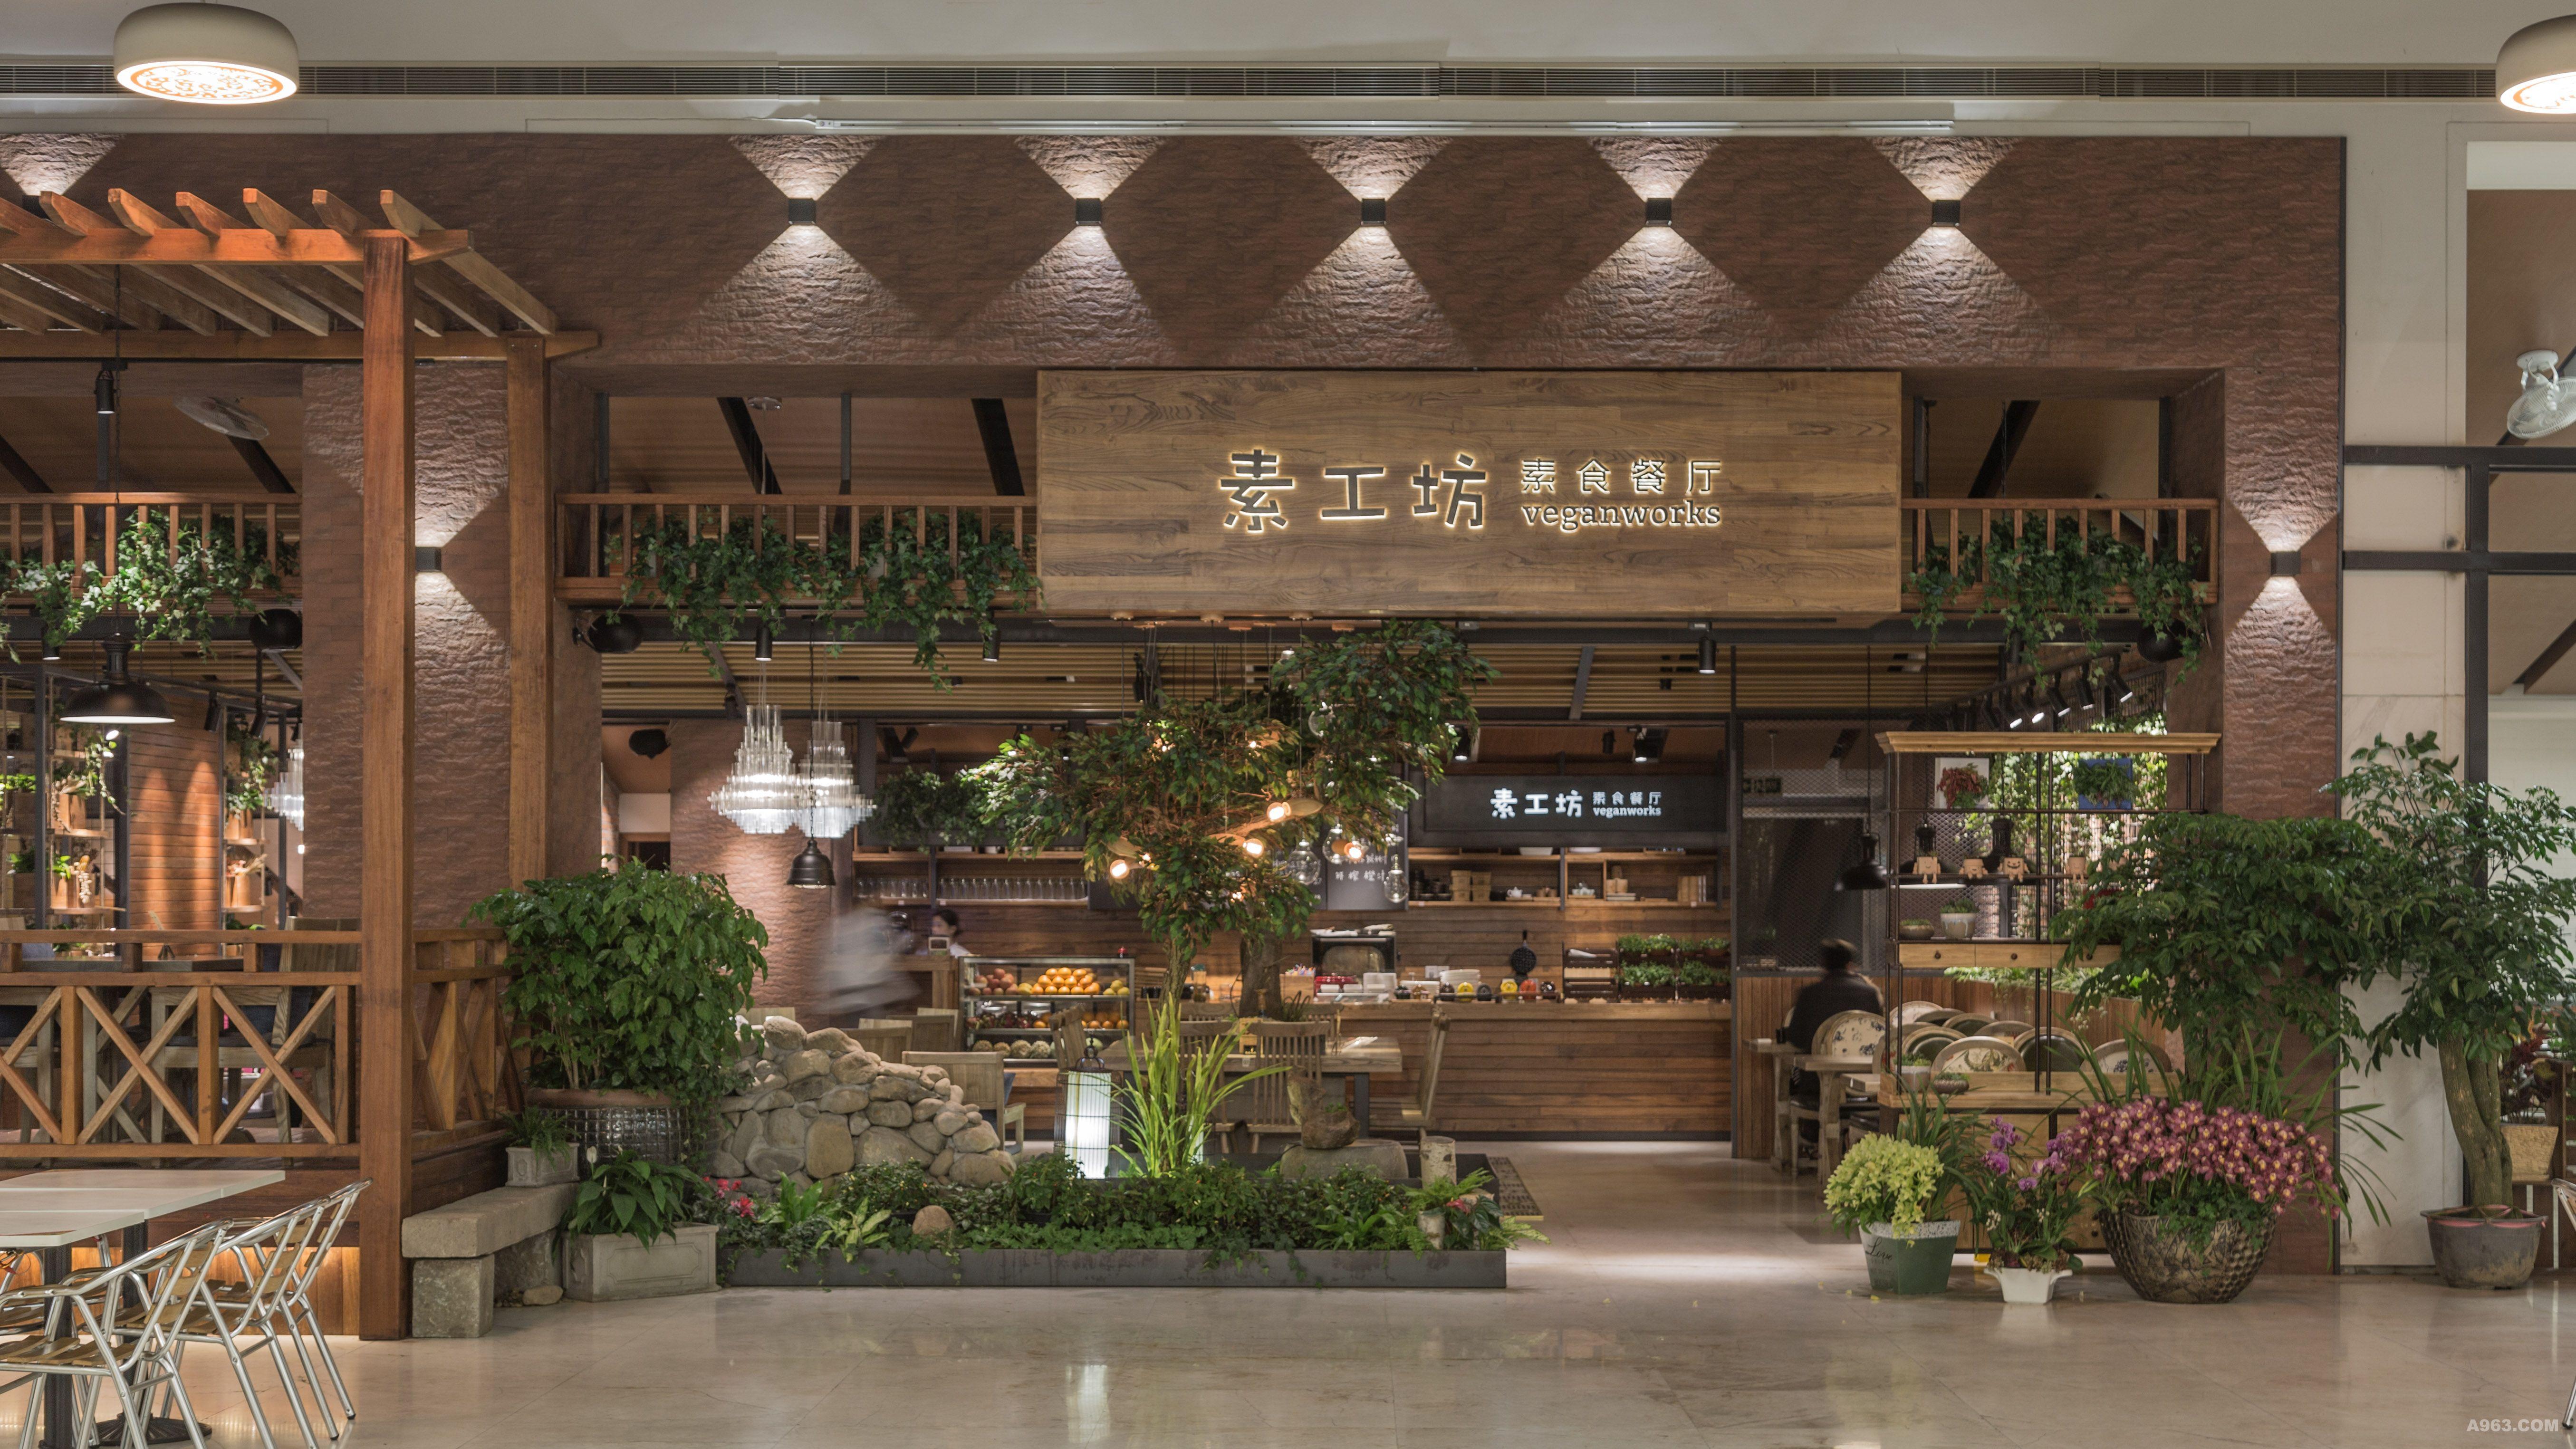 素工坊 - 餐饮空间 - 王志洪设计作品案例